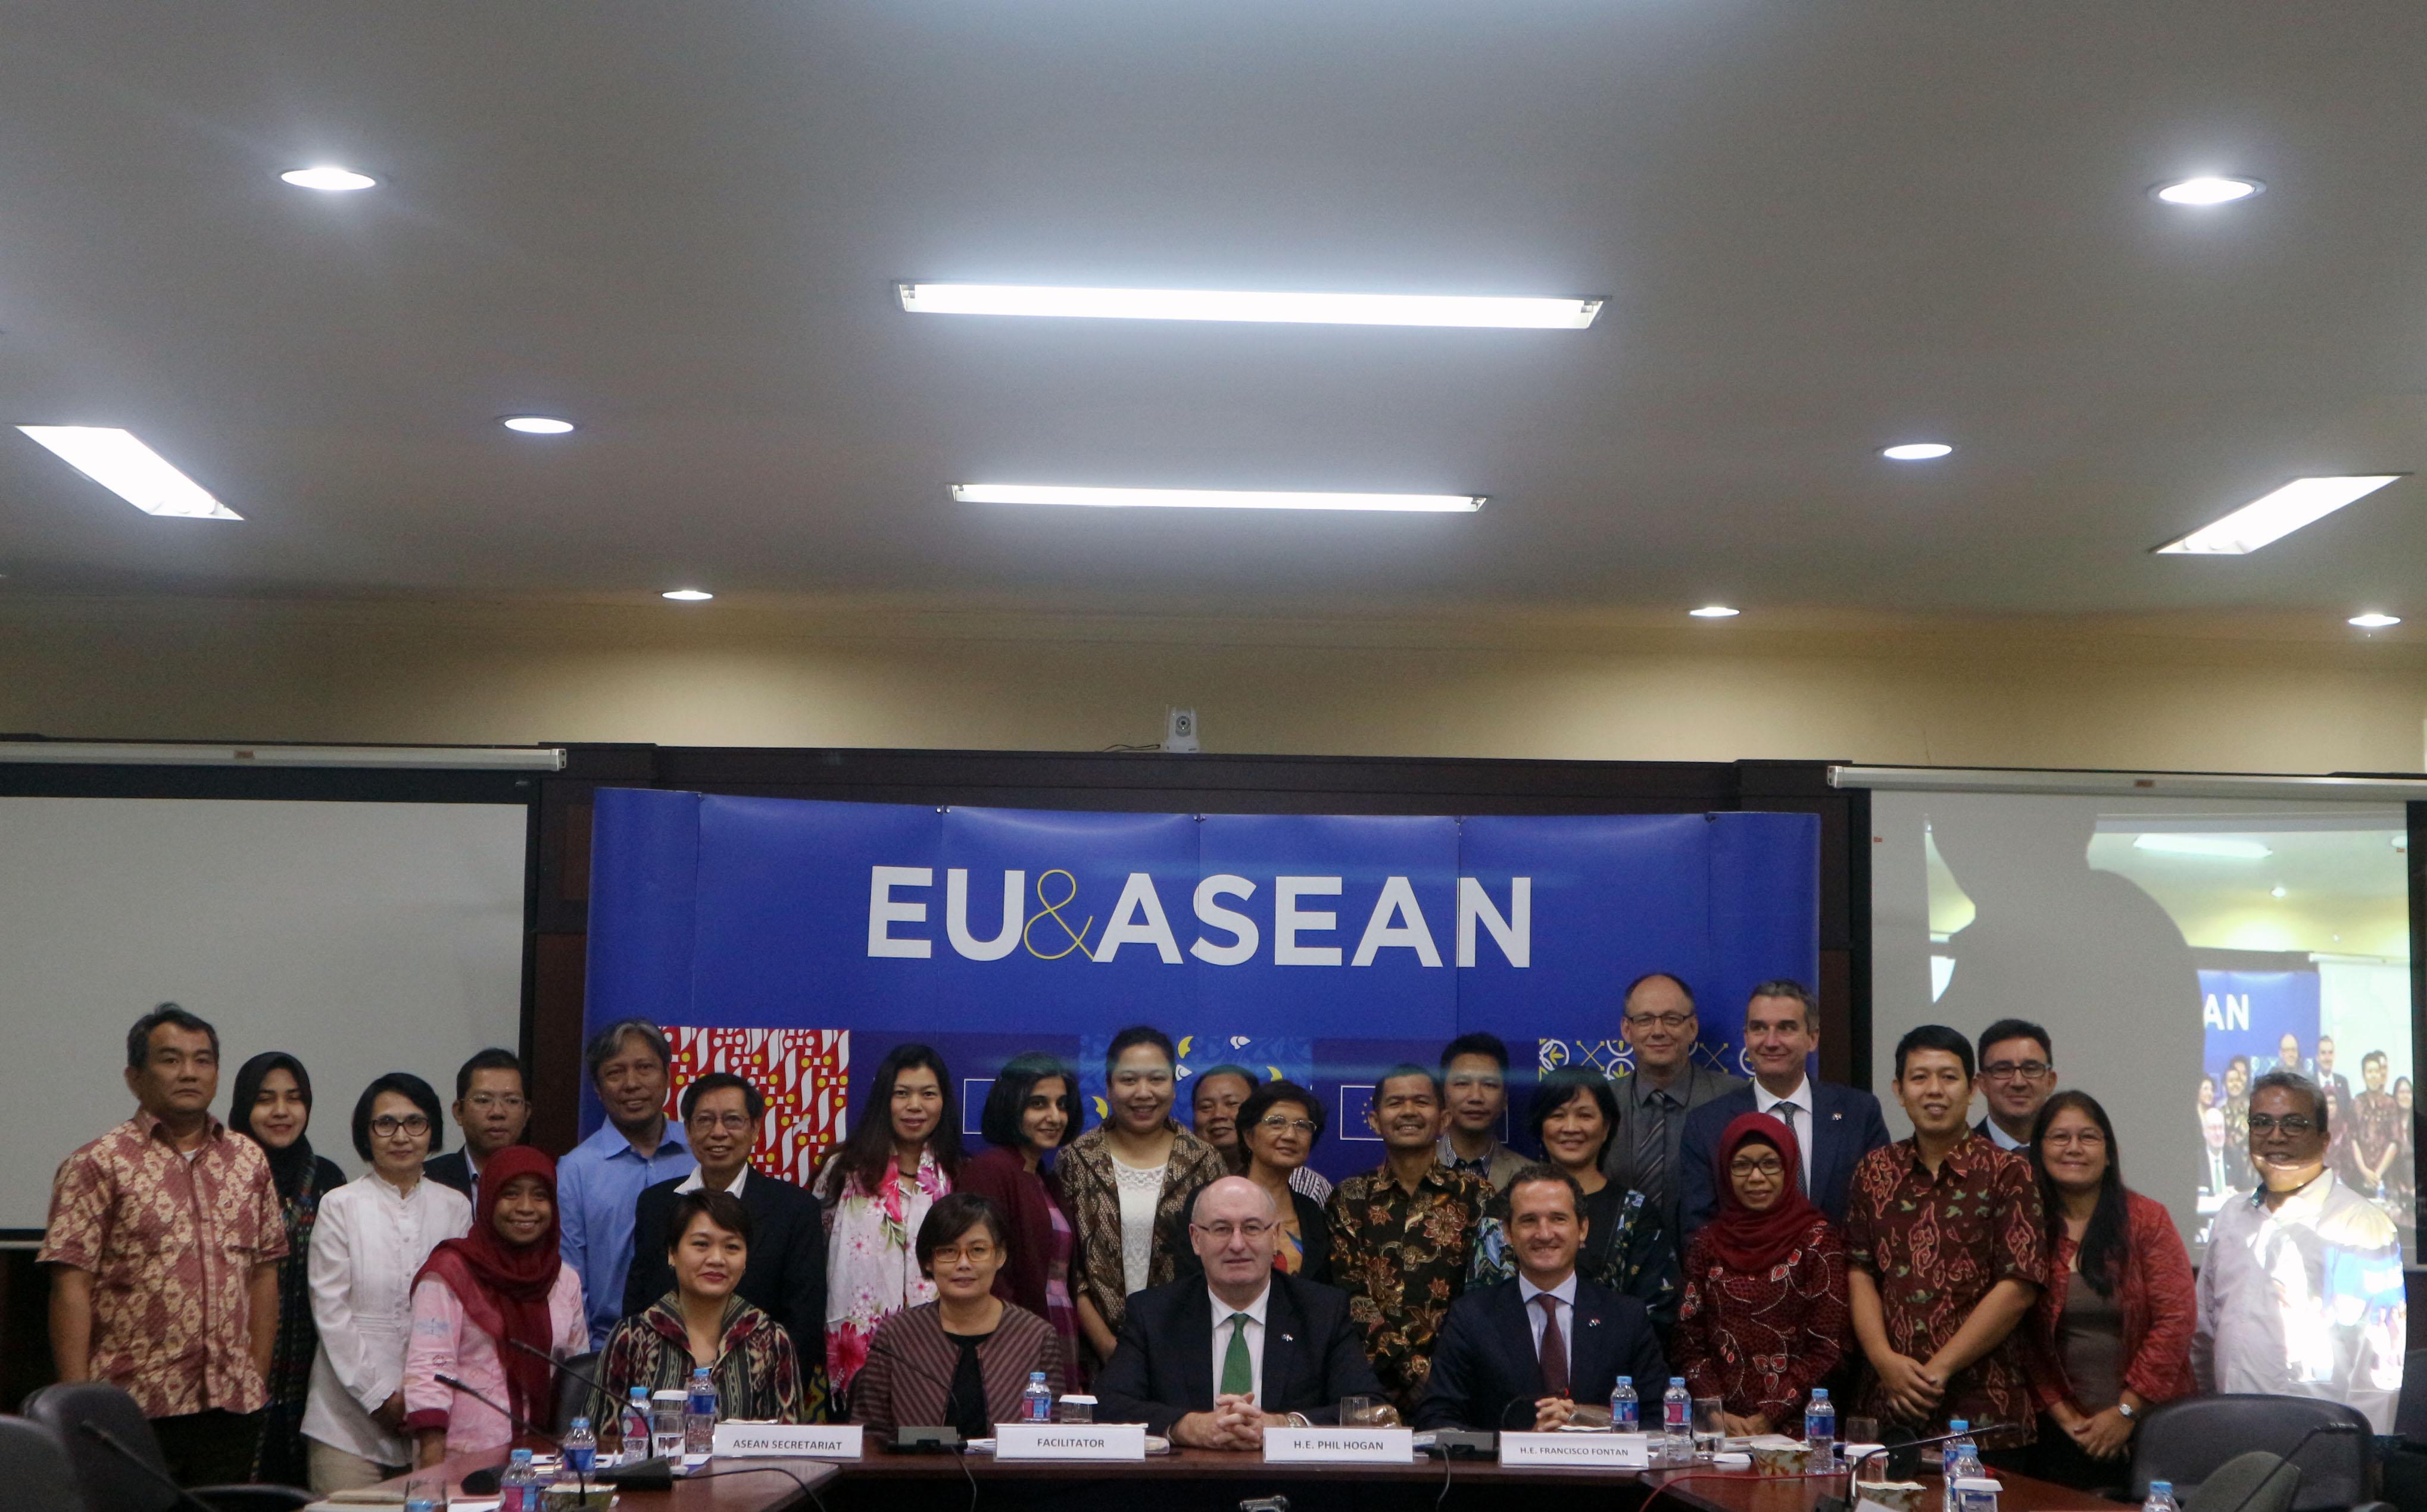 Pertanian keluarga dan petani skala kecil, ditingalkan, sering tidak terlibat dalam praktek pasar dan bisnis modern, mereka memiliki keterbatasan akses ke praktek pertanian yang baru dan yang lebih berkelanjutan. Oleh karena itu di Uni Eropa atau di kawasan ASEAN, kerja sama (RED. dalam bentuk koperasi)antar keluarga petani adalah sangat penting (photo by ASEAN Foundation)